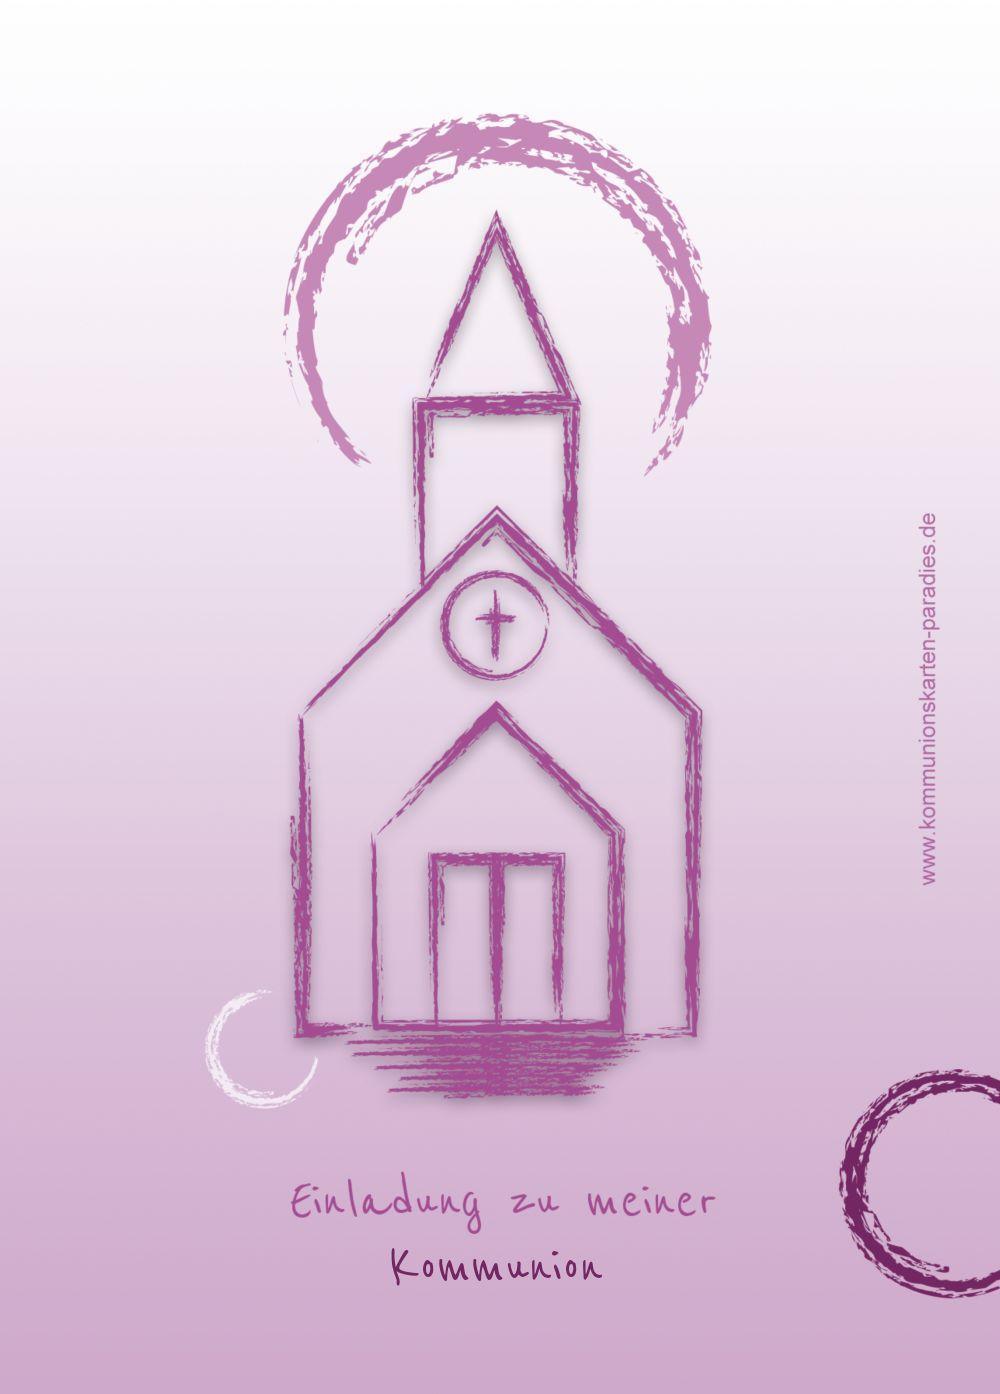 Ansicht 2 - Kommunionskarte Kirche